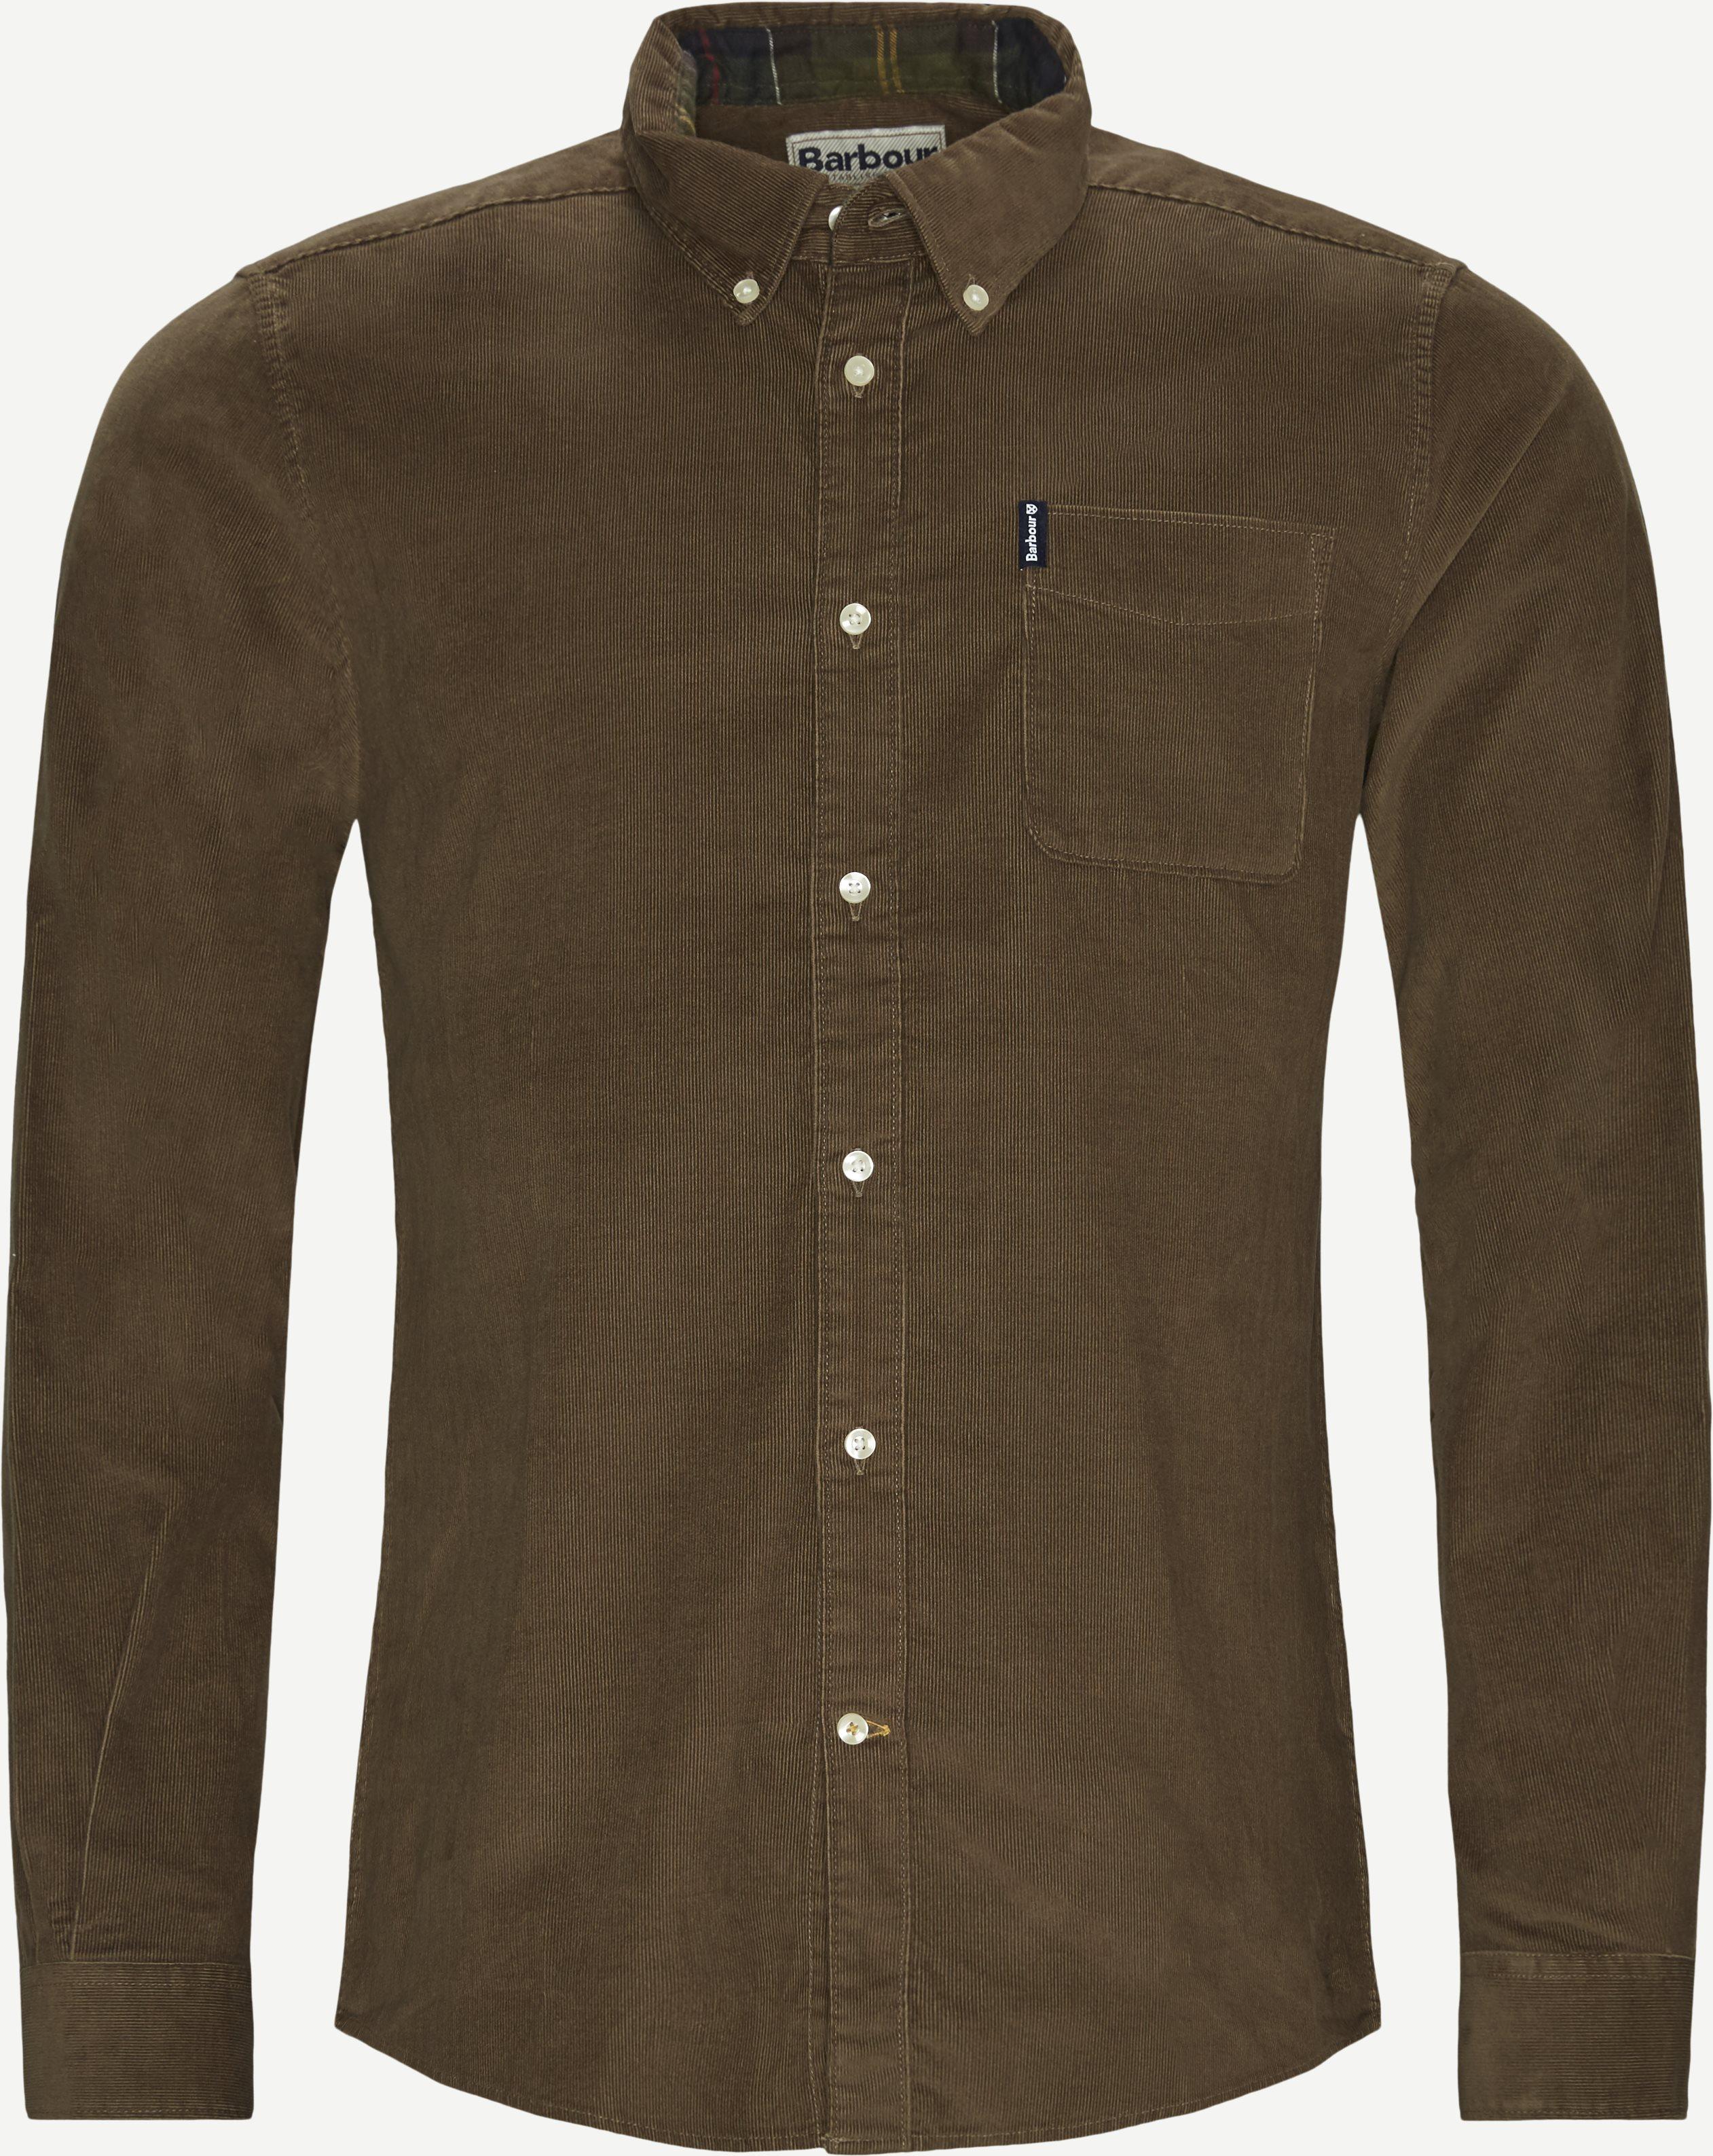 Cord 2 Skjorte - Skjorter - Tailored fit - Brun